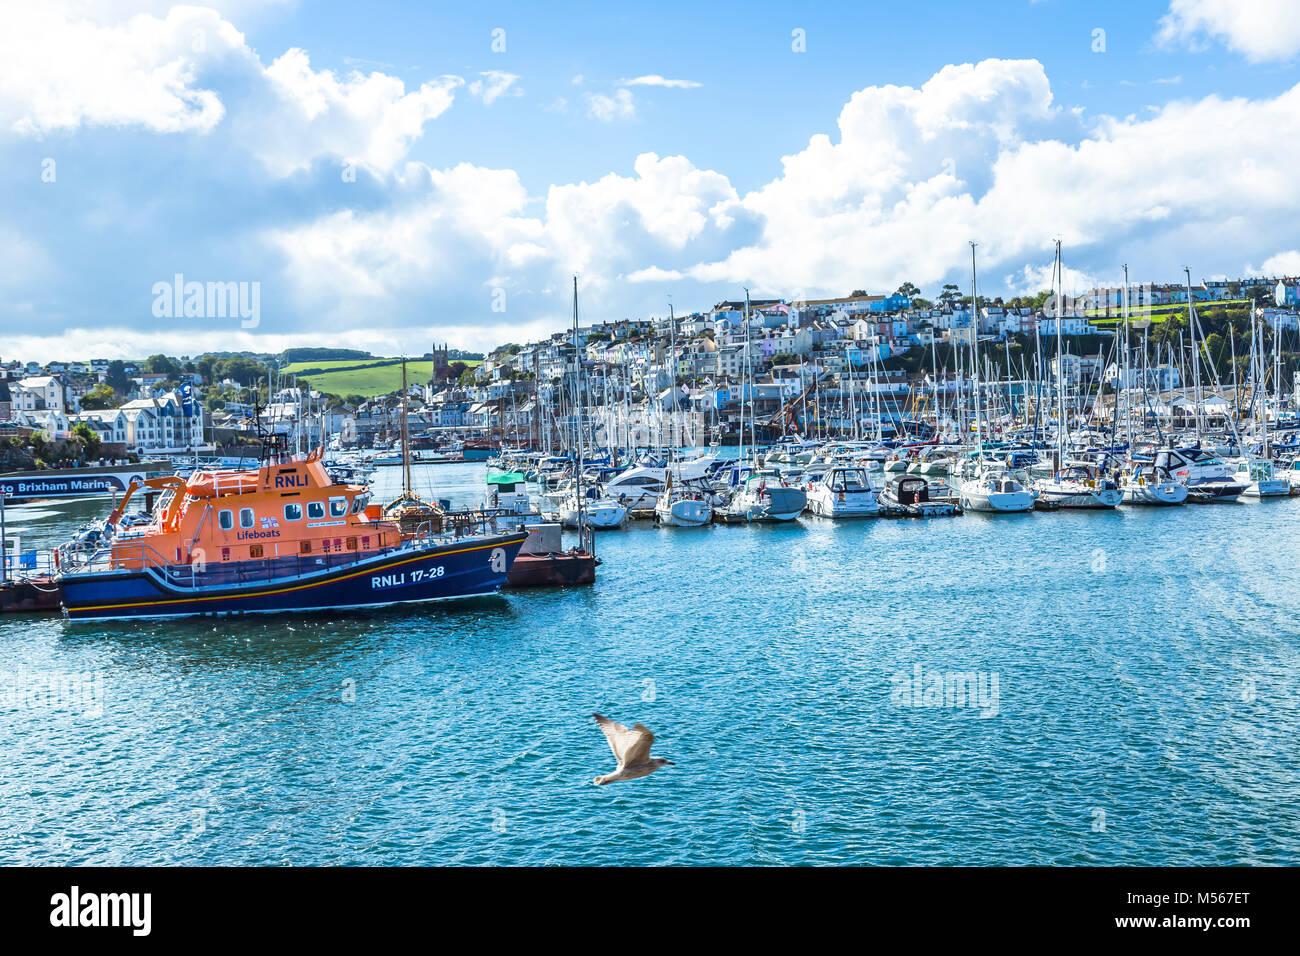 Ein rnli Lifeboat mooed im Hafen von Brixham mit anderen Booten. Stockbild